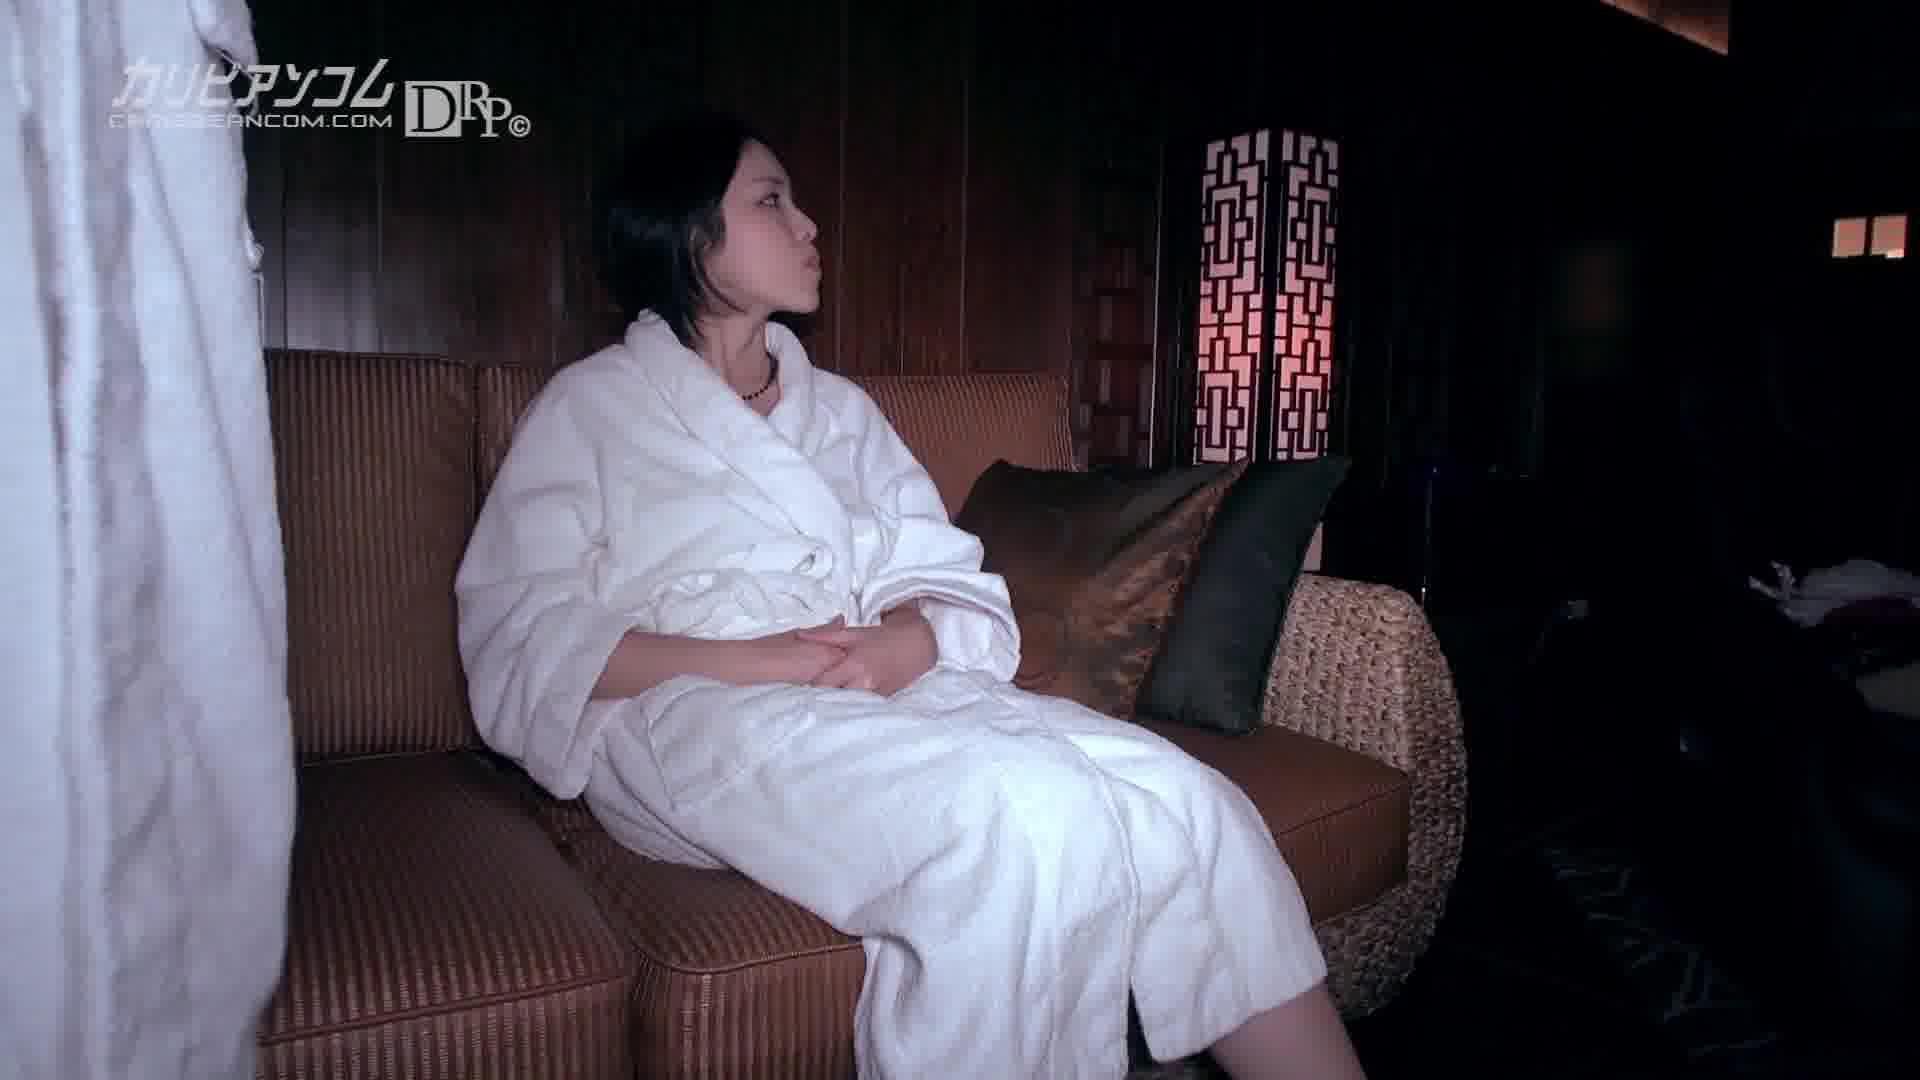 AV女優と飲み…そして泊まりSEX by HAMAR 11 後編 - 佐伯ひなた【実録・放尿・中出し】